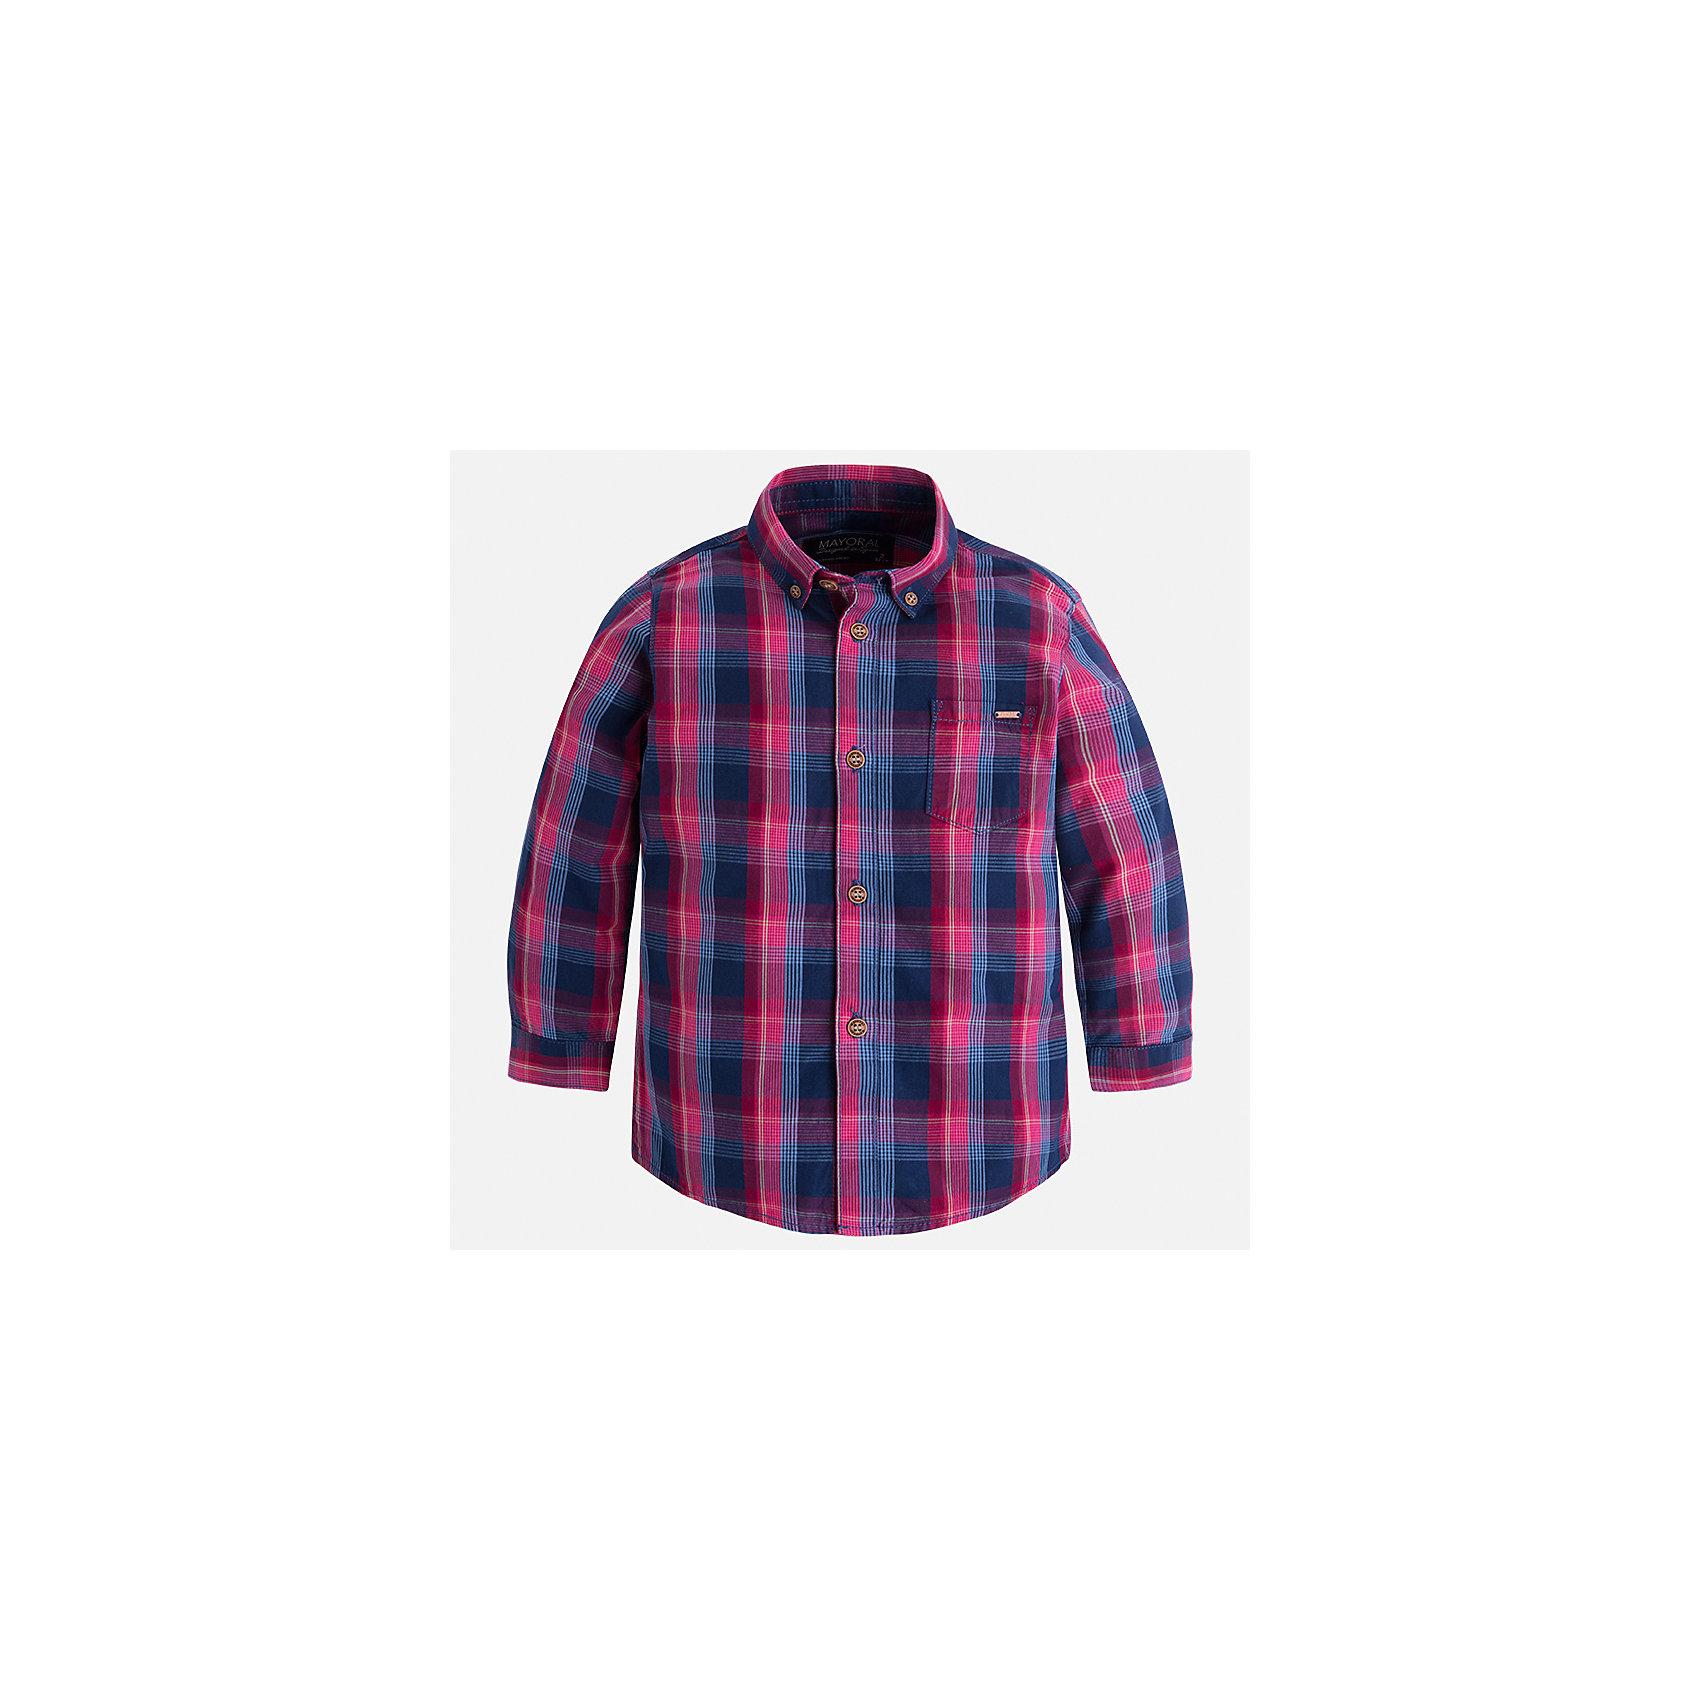 Рубашка Mayoral для мальчикаБлузки и рубашки<br>Характеристики товара:<br><br>• цвет: синий<br>• состав ткани: 100% хлопок<br>• сезон: демисезон<br>• особенности модели: школьная<br>• застежка: пуговицы<br>• длинные рукава<br>• страна бренда: Испания<br>• страна изготовитель: Индия<br><br>Такая рубашка с длинным рукавом для мальчика Mayoral удобно сидит по фигуре. Стильная детская рубашка сделана из натуральной хлопковой ткани. Отличный способ обеспечить ребенку комфорт и аккуратный внешний вид - надеть детскую рубашку от Mayoral. Детская рубашка с длинным рукавом сшита из приятного на ощупь материала. <br><br>Рубашку для мальчика Mayoral (Майорал) можно купить в нашем интернет-магазине.<br><br>Ширина мм: 174<br>Глубина мм: 10<br>Высота мм: 169<br>Вес г: 157<br>Цвет: белый<br>Возраст от месяцев: 84<br>Возраст до месяцев: 96<br>Пол: Мужской<br>Возраст: Детский<br>Размер: 128,134,92,98,104,110,116,122<br>SKU: 6934138